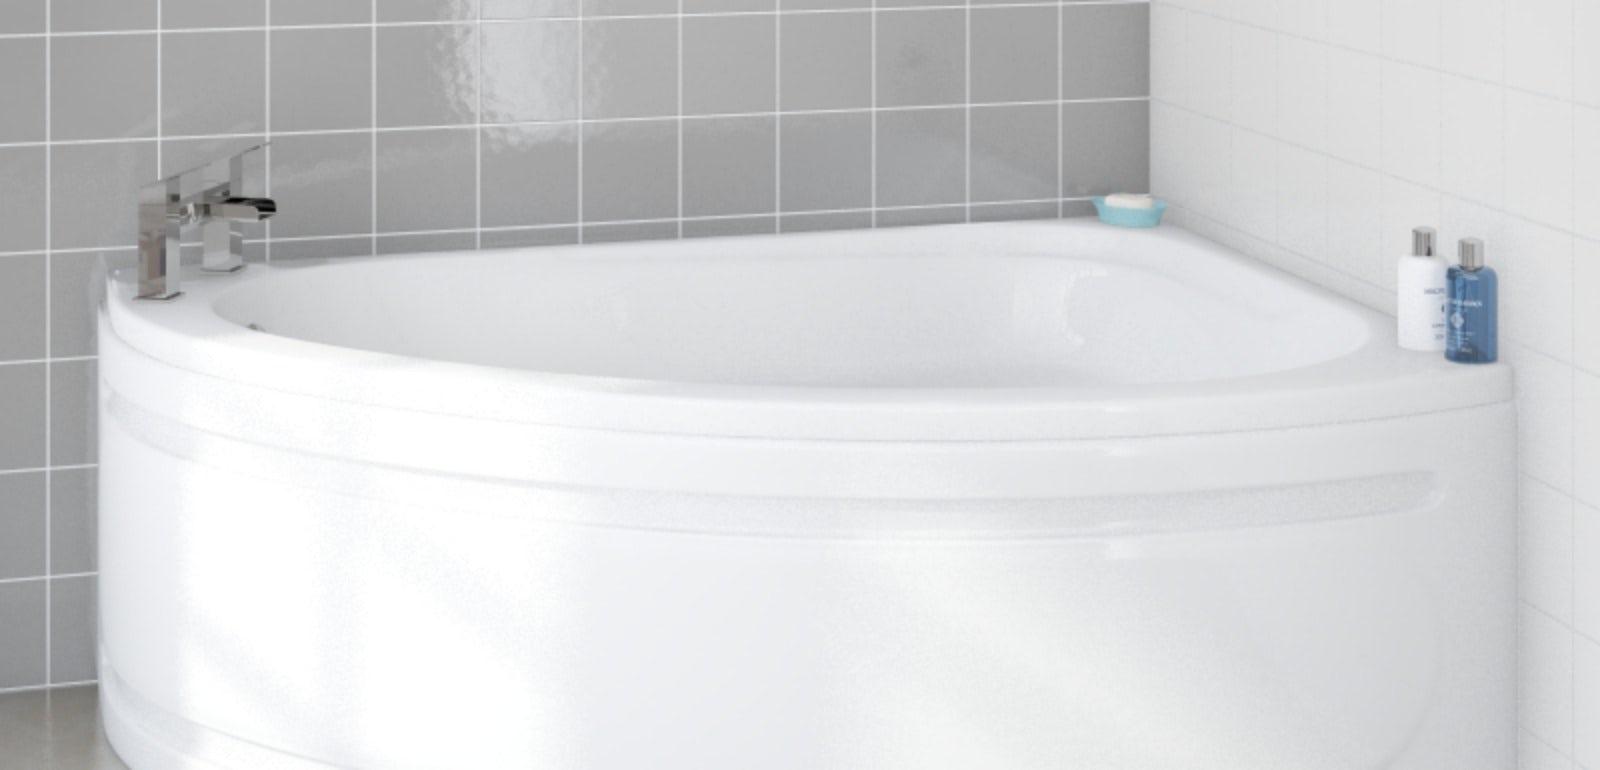 Shower Screens For Corner Baths curved shower screens for corner baths - mobroi